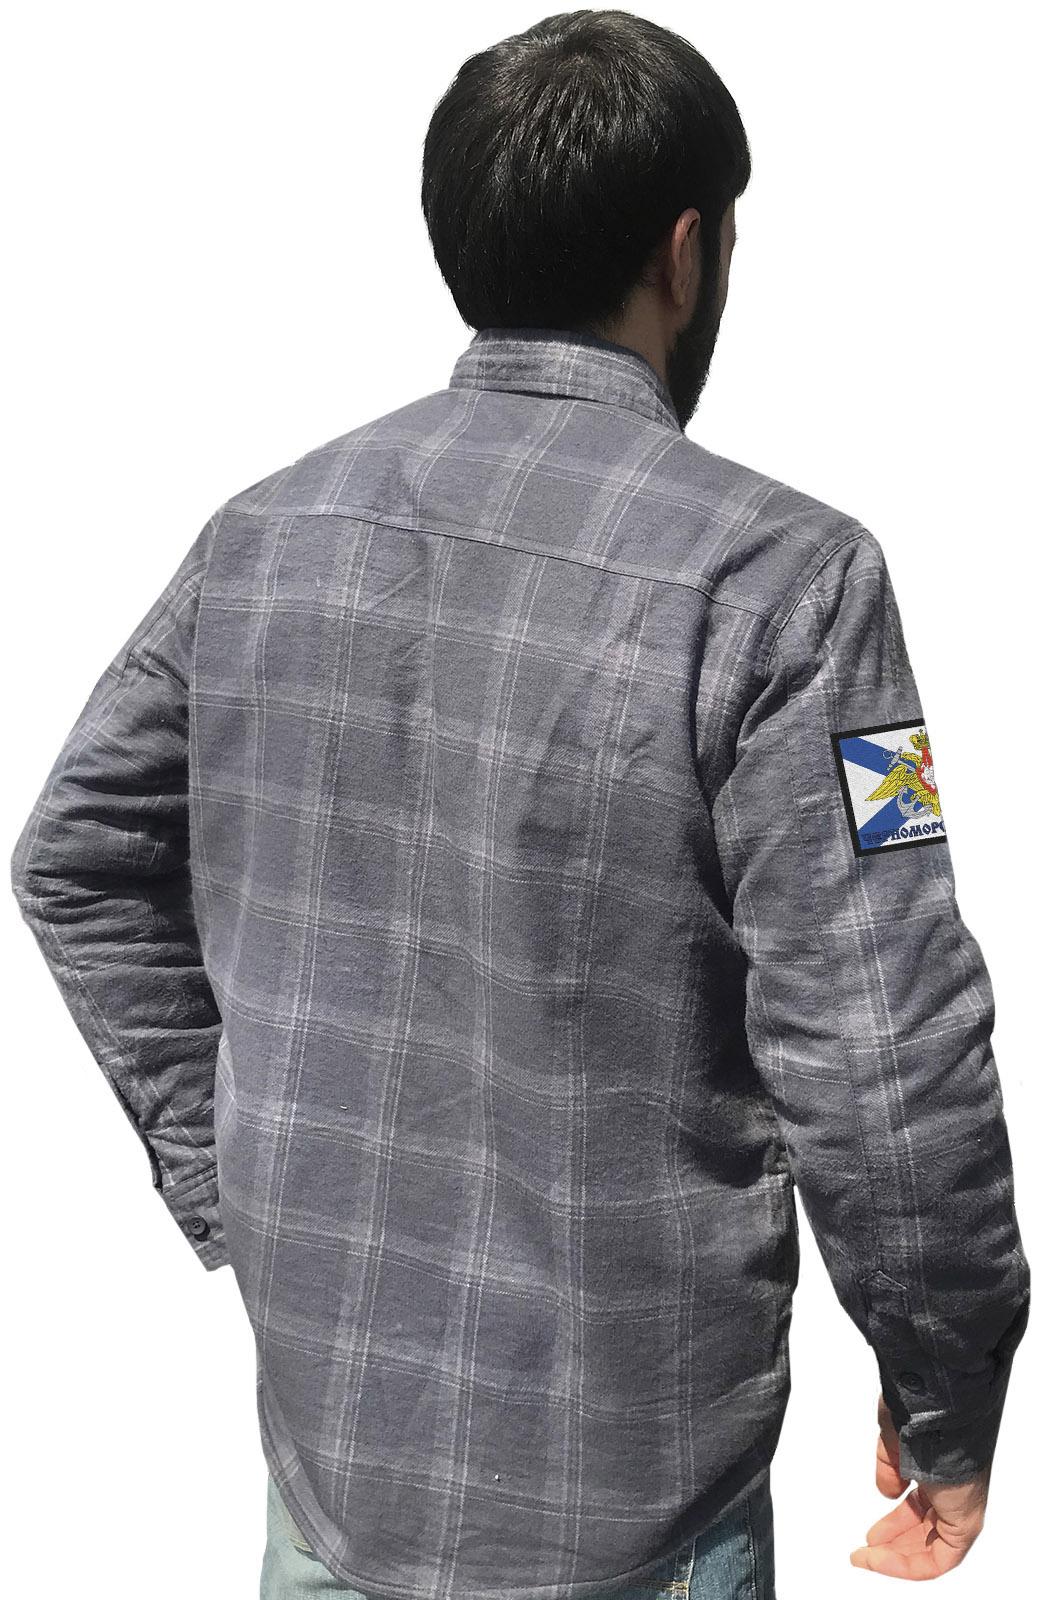 Мужская рубашка с эмблемой Черноморского флота  заказать выгодно